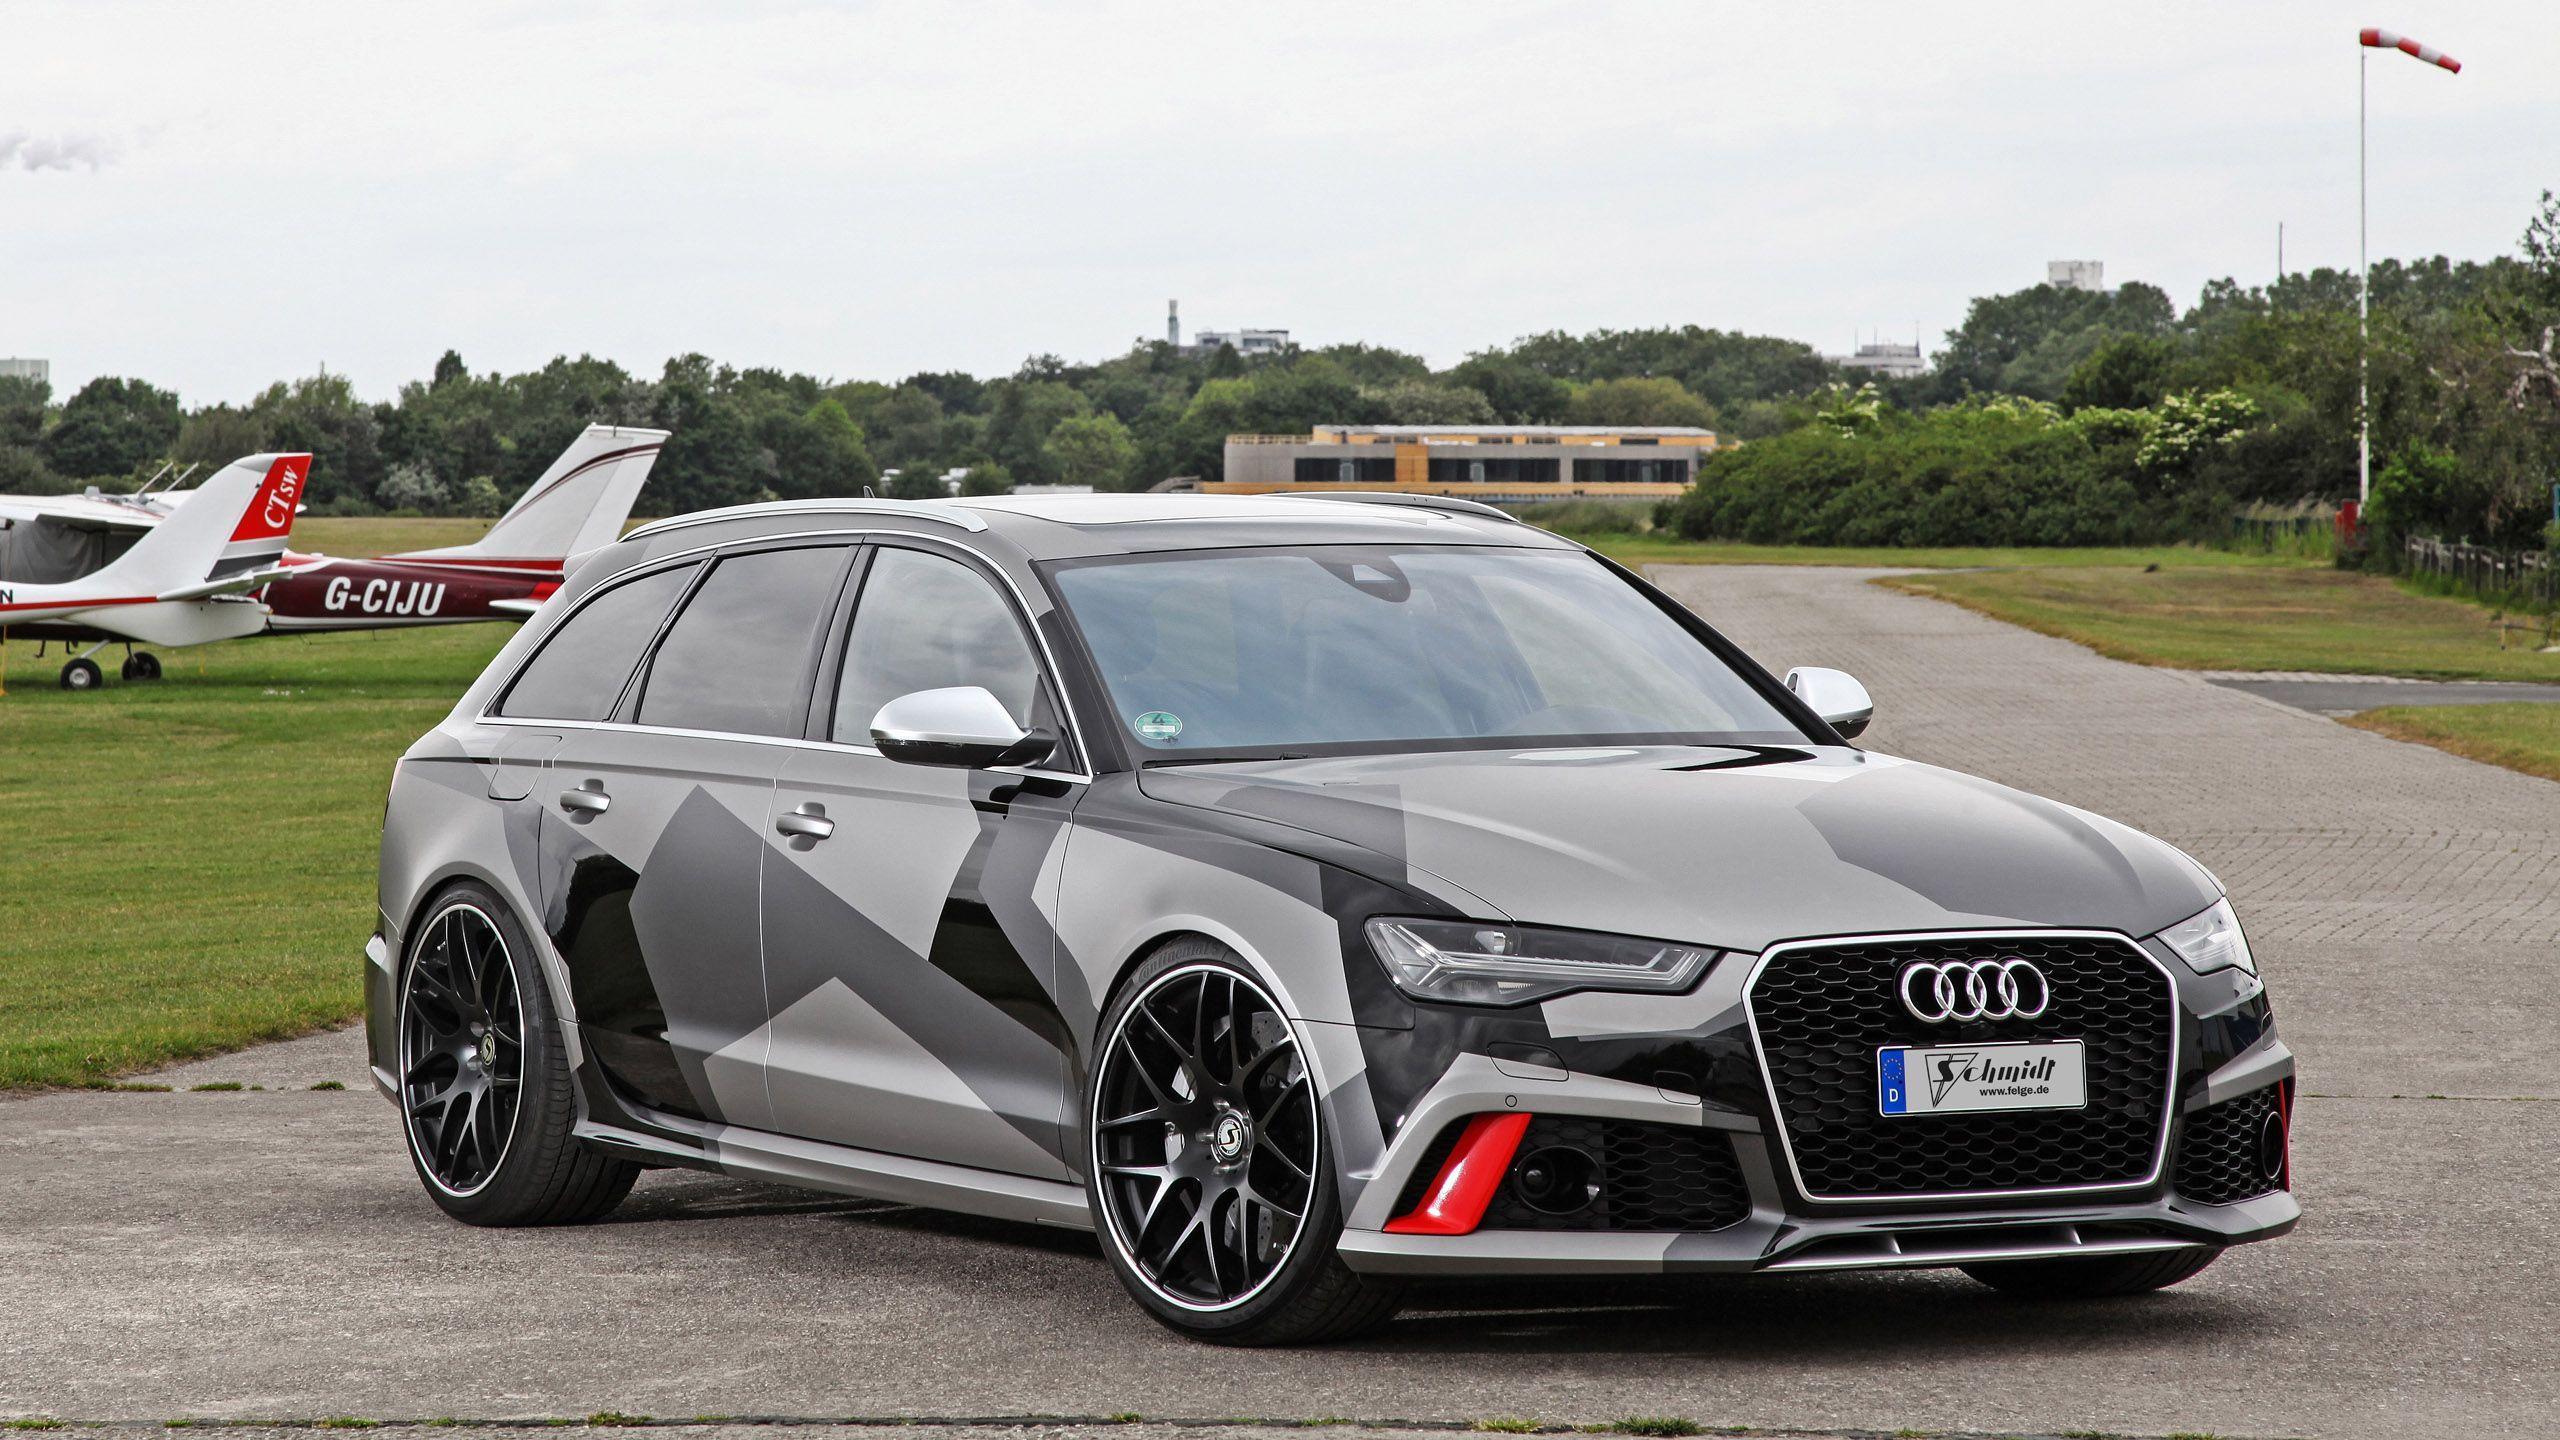 Audi Sports Car Wallpaper Hd